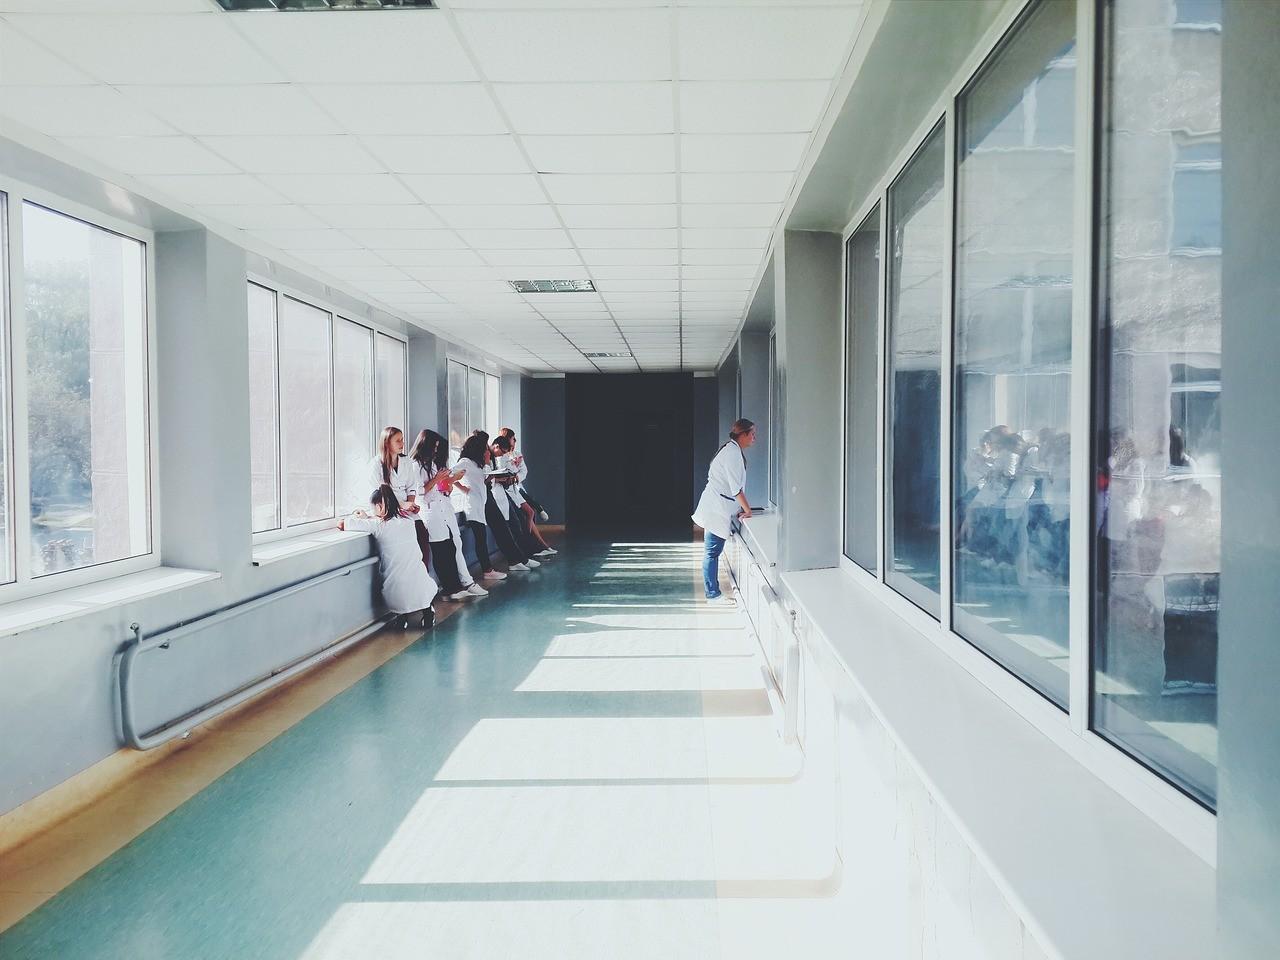 В больнице Урюпинска от работы отстранили 6 врачей и 3 медсестры за отказ прививаться